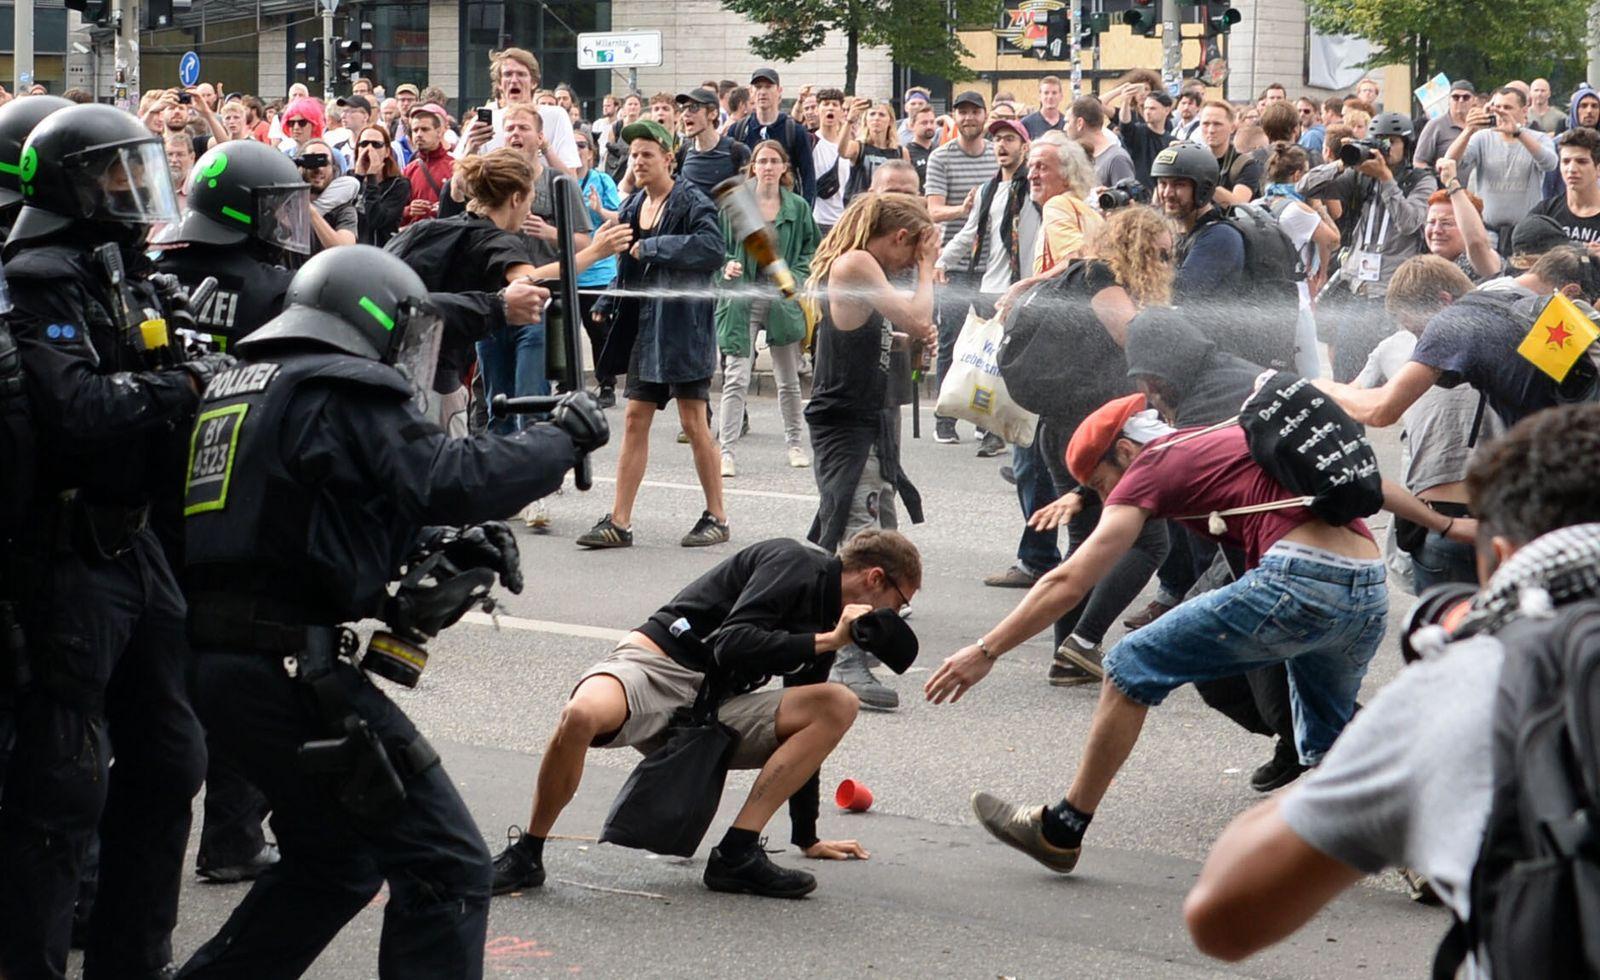 Polizei / G20 / Hamburg